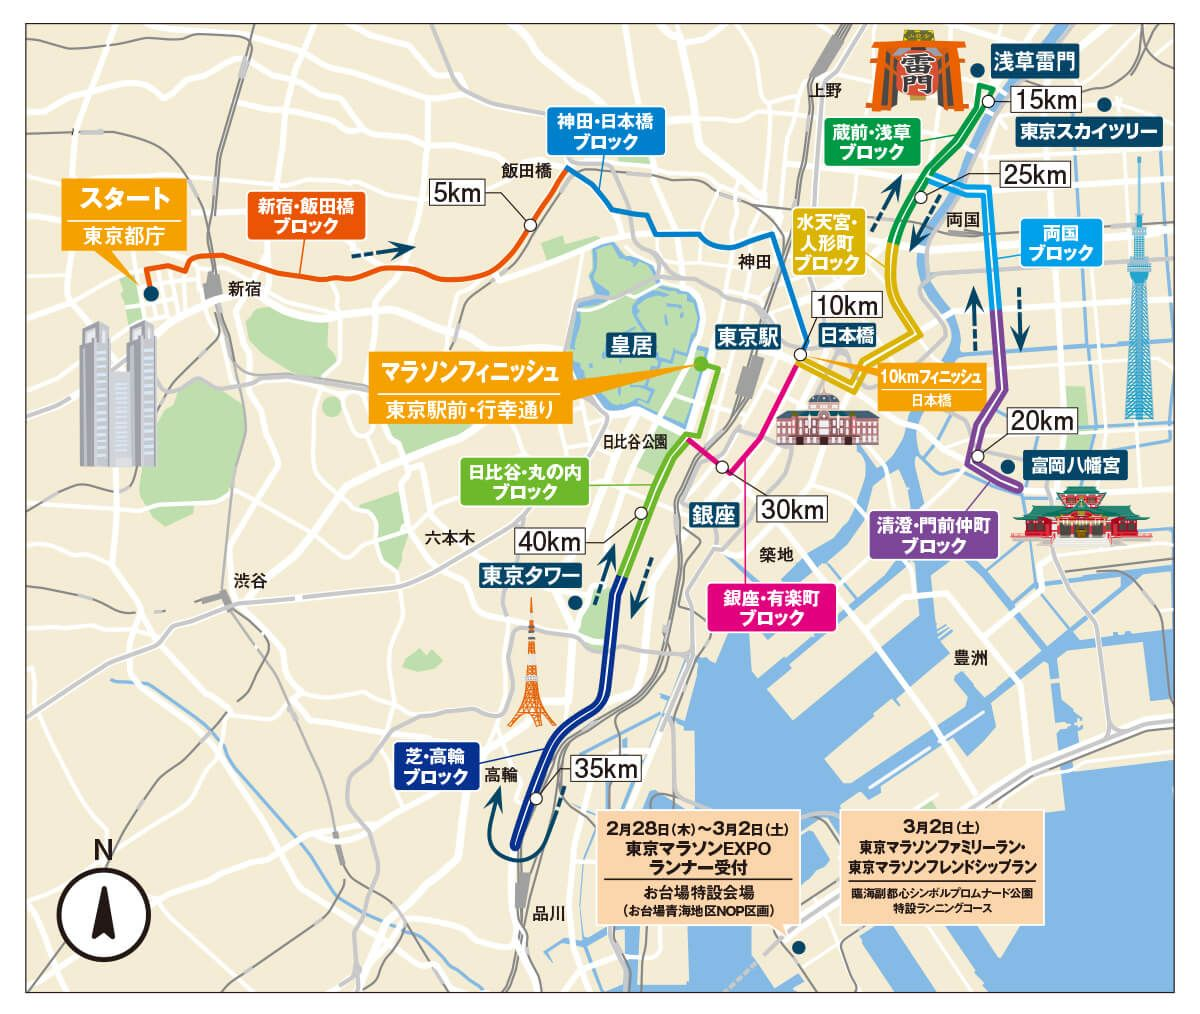 東京マラソンの公式サイトから2019年のルートマップを表示しています